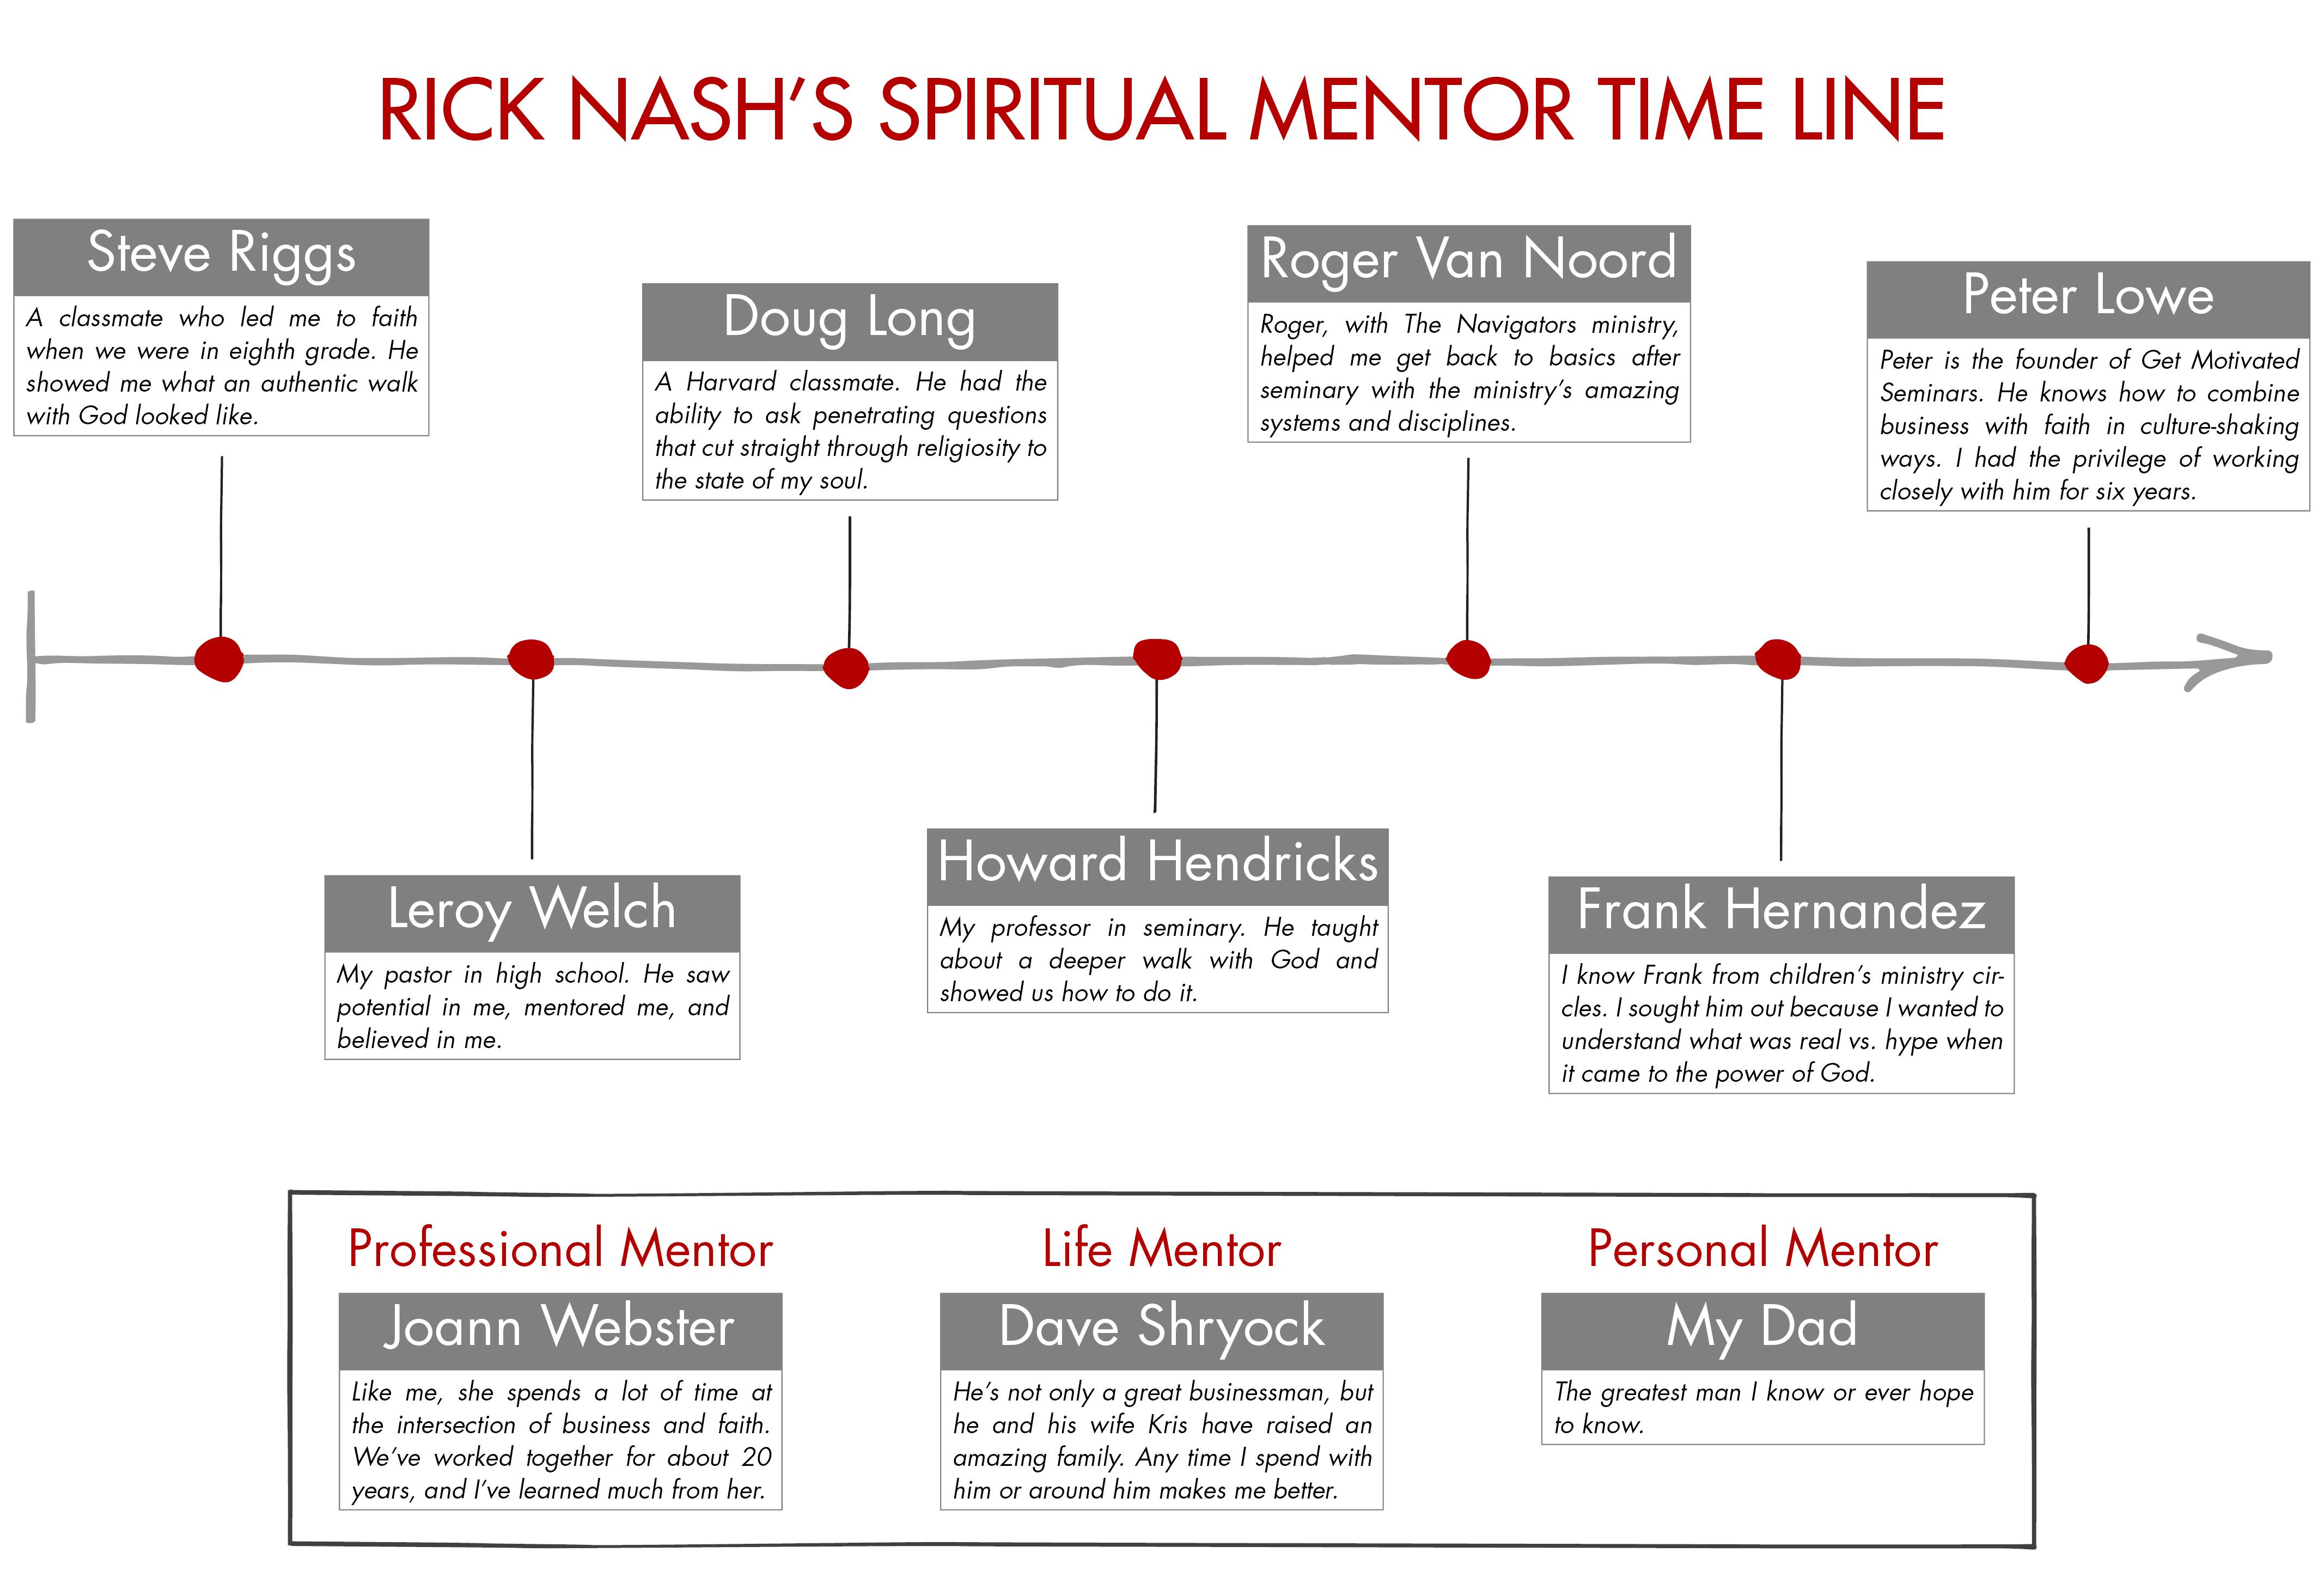 Rick_Nash_mentors_timeline